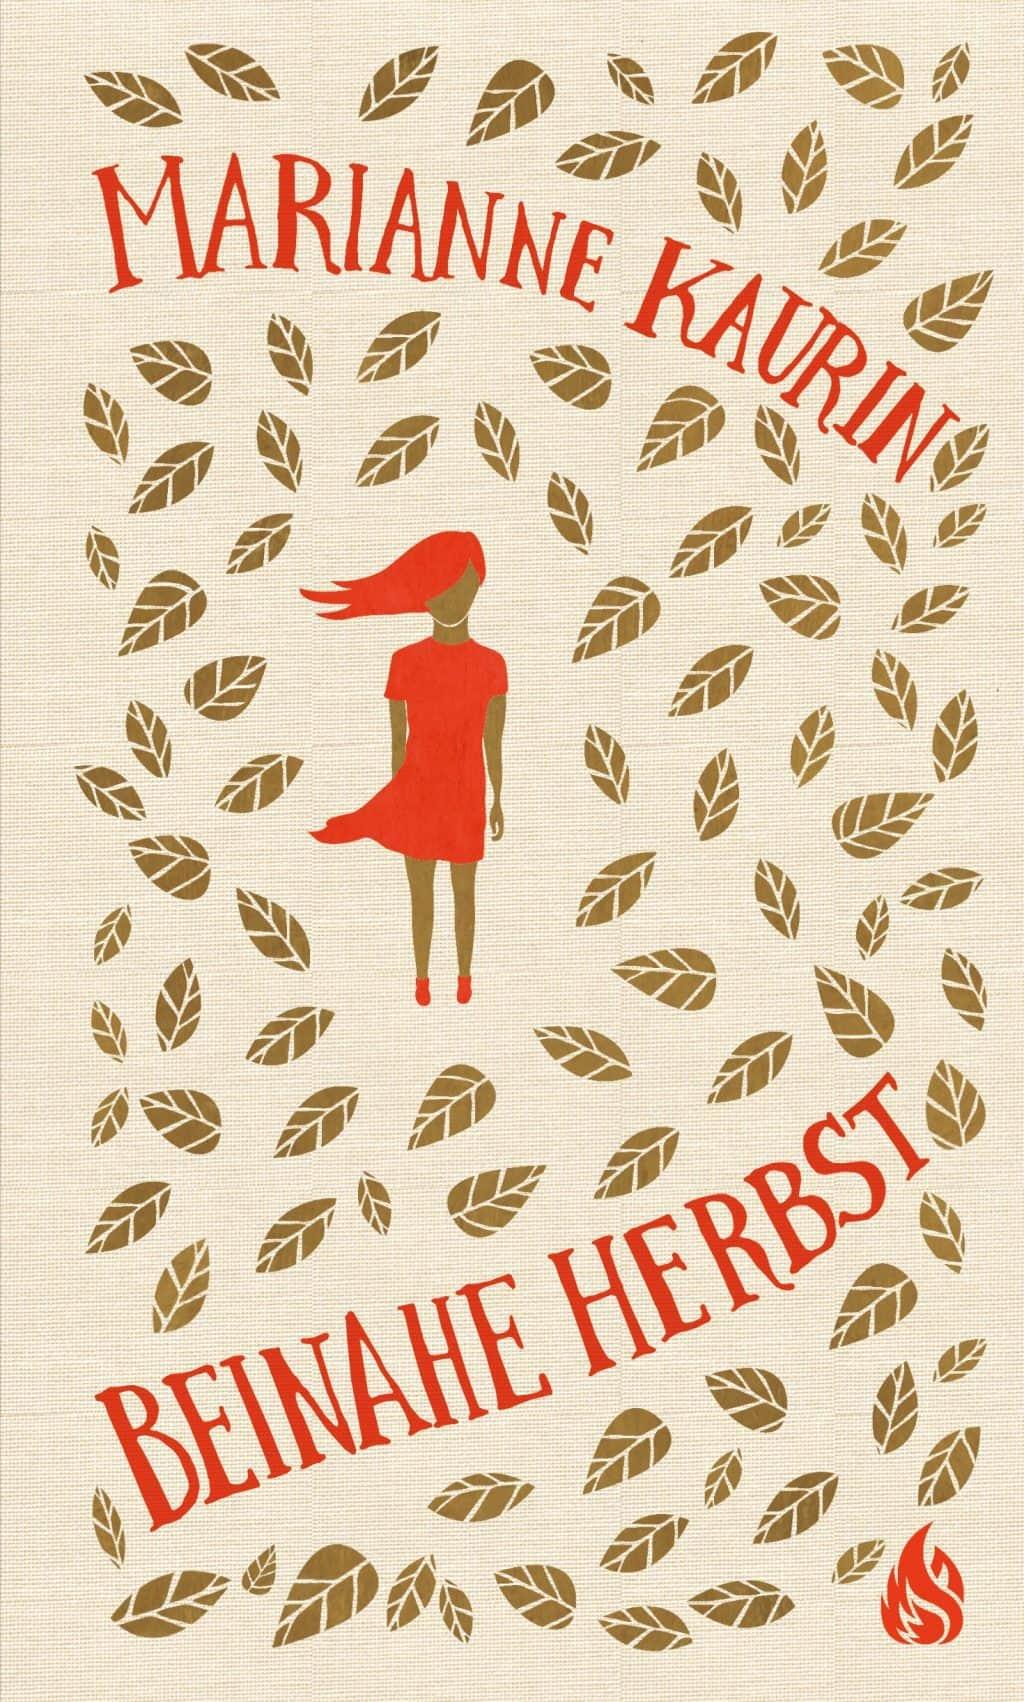 Titelbild des Jugendbuchs Beinahe Herbst aus dem Arctis Verlag von Marianne Kaurin